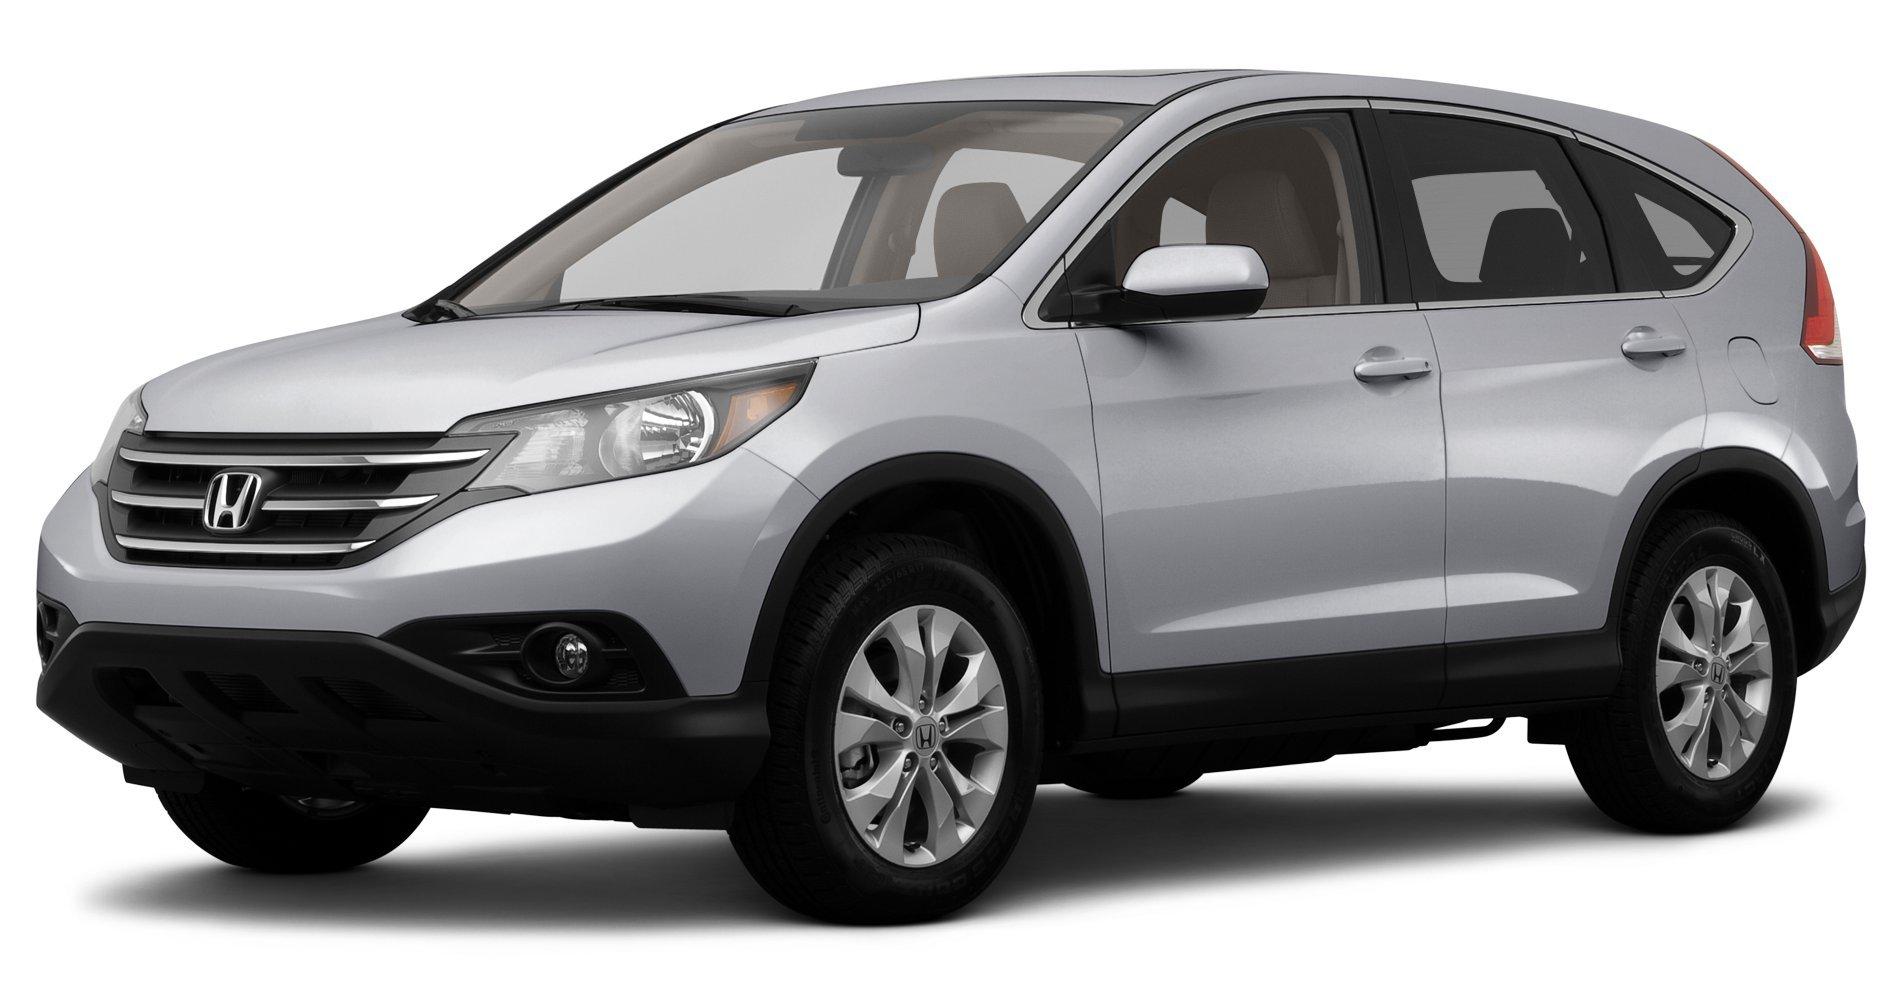 2014 Honda Crv >> Amazon Com 2014 Honda Cr V Reviews Images And Specs Vehicles